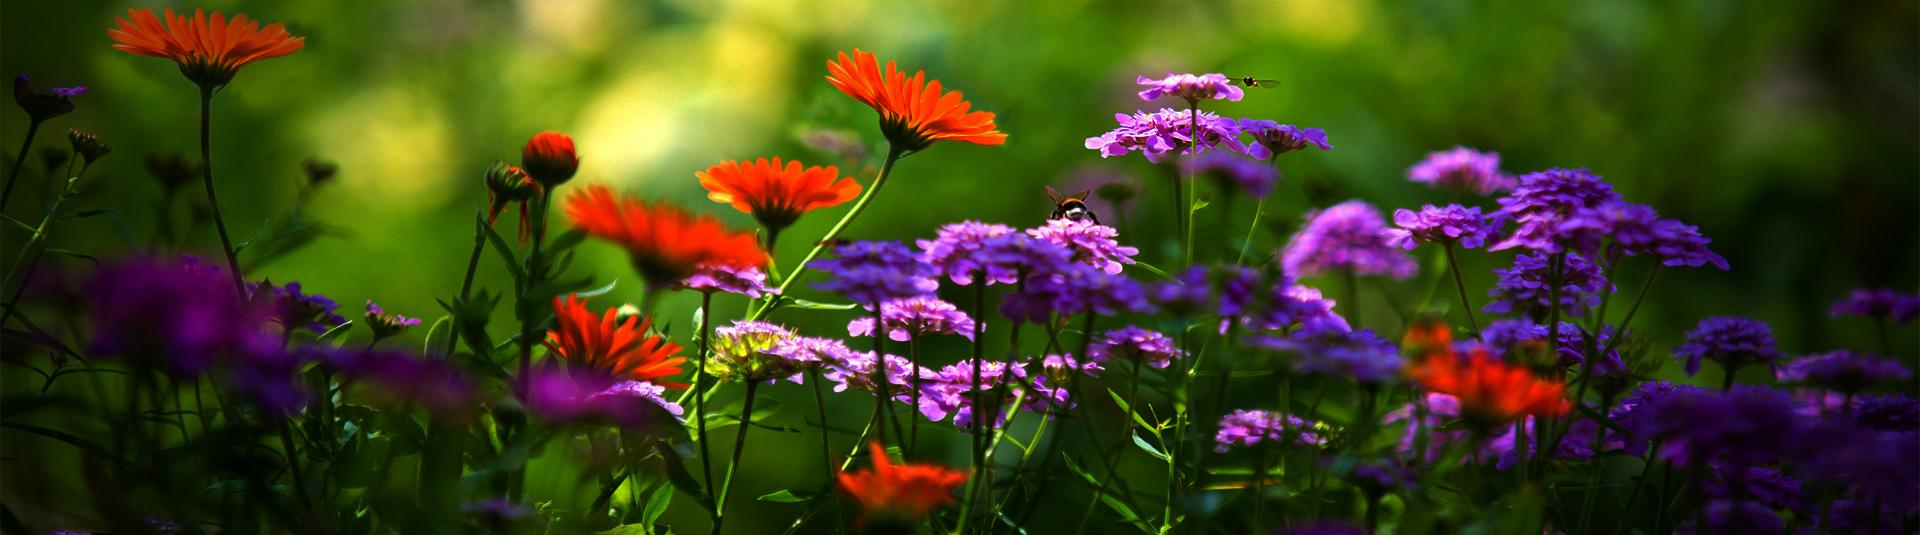 Jardins Acúrcio